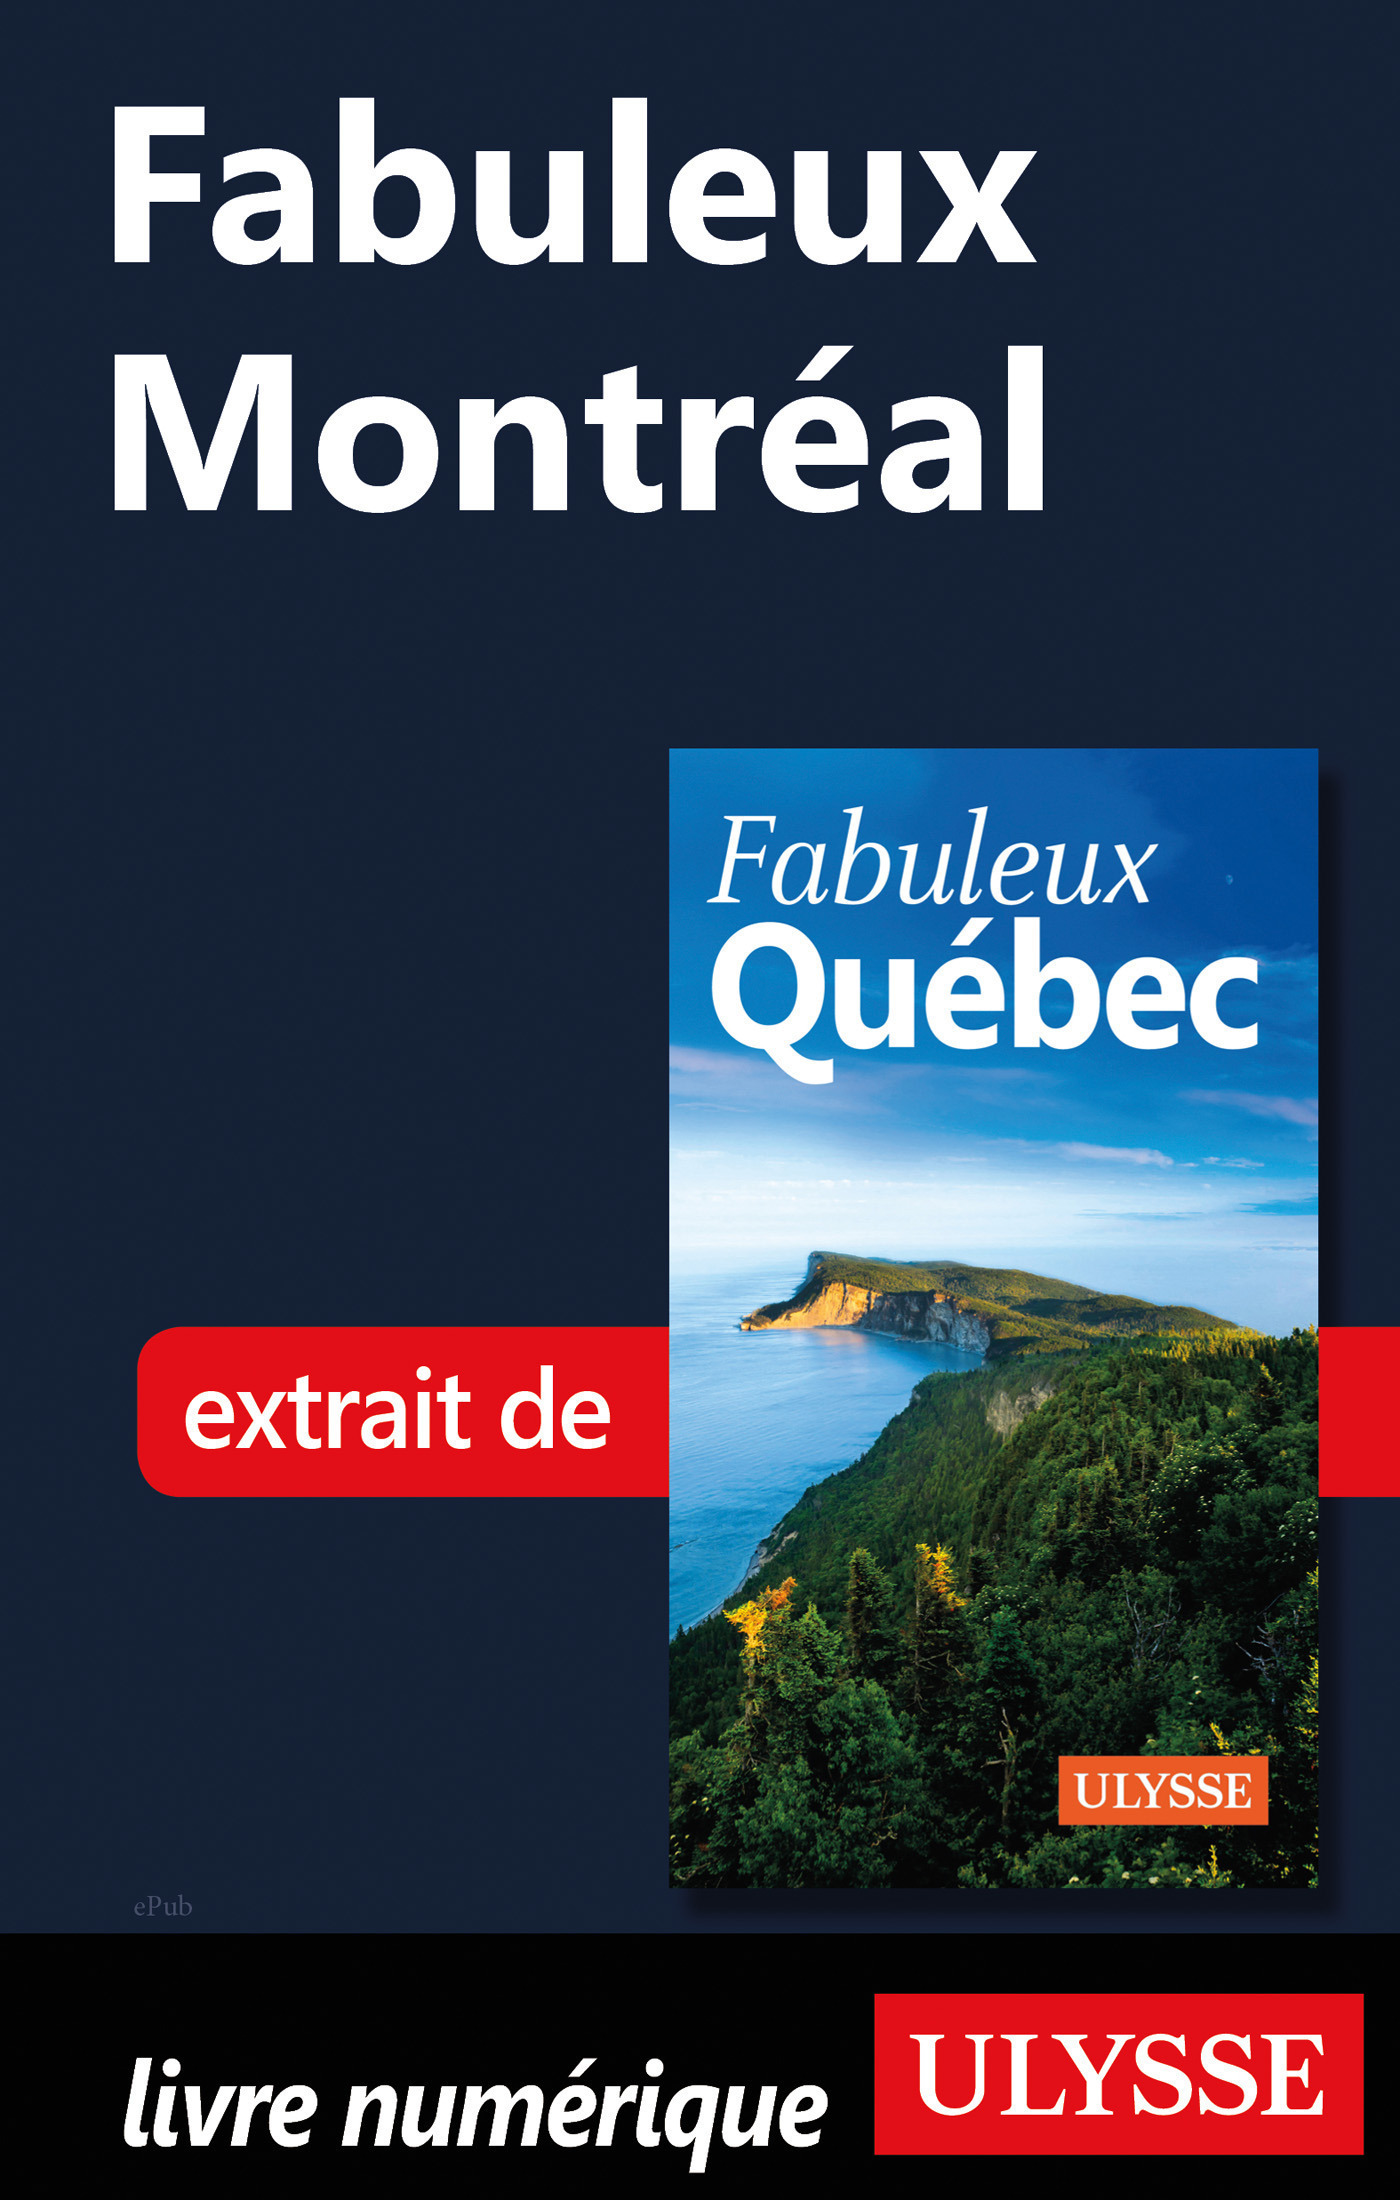 Fabuleux Montréal